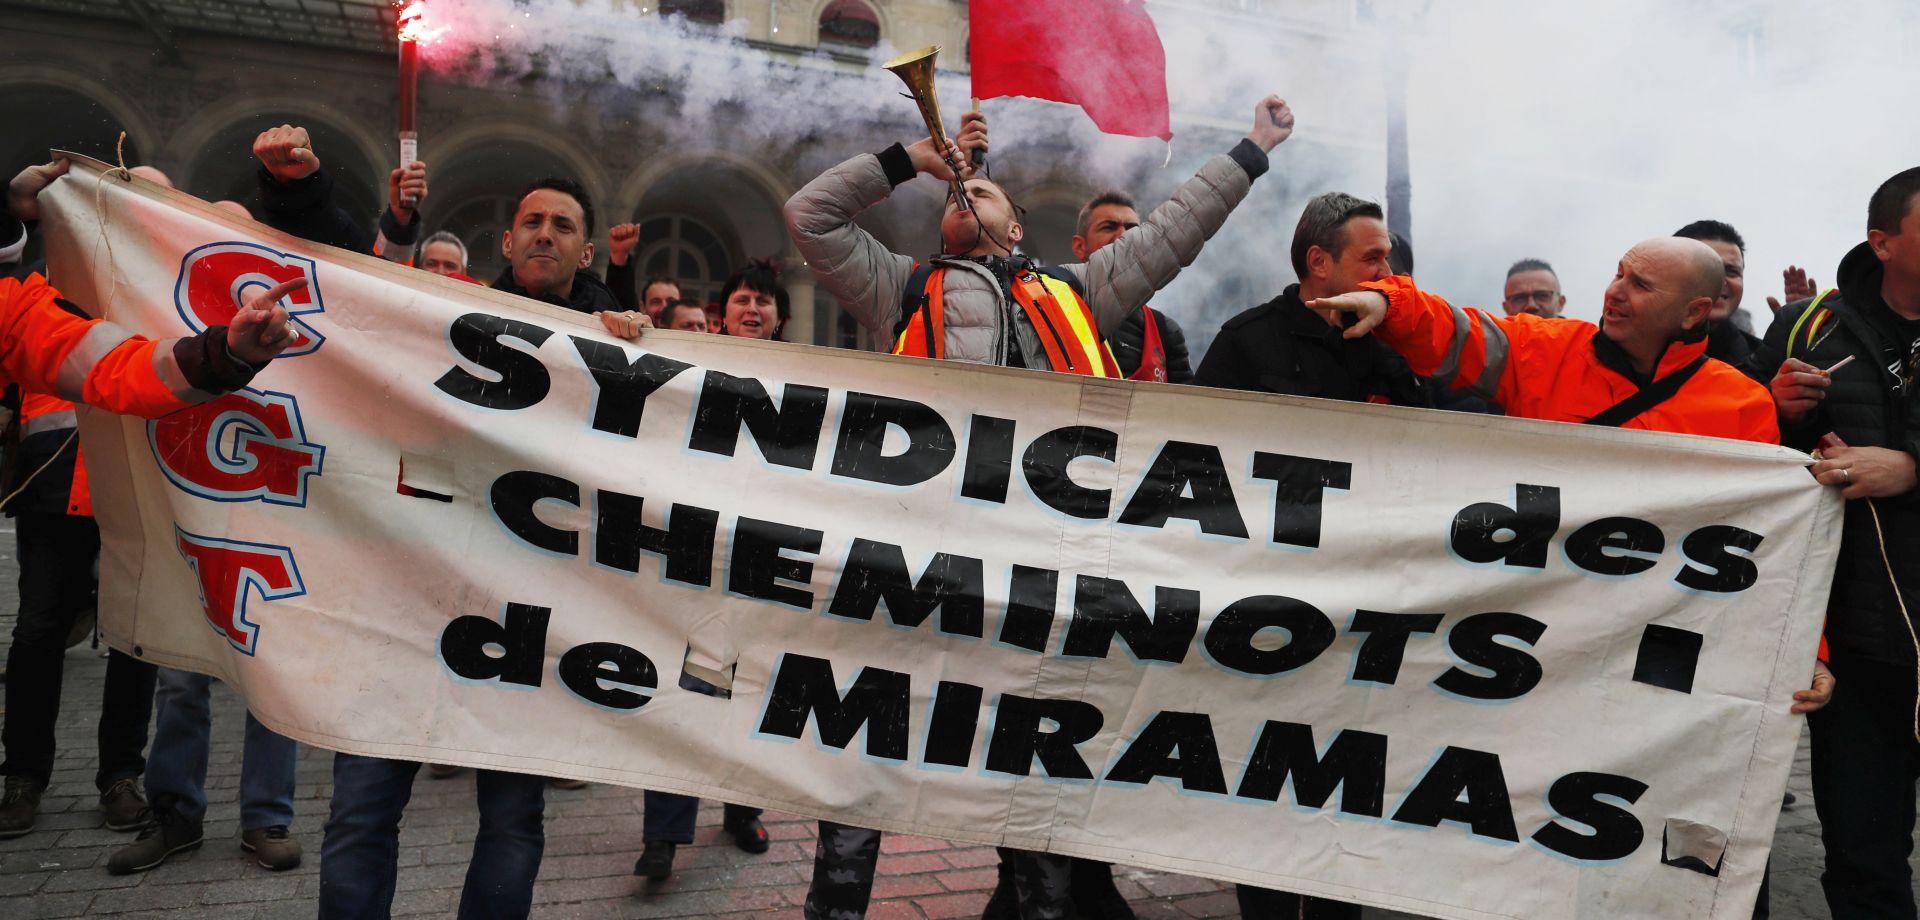 Diljem Francuske štrajkovi protiv Macronovih ekonomskih reformi